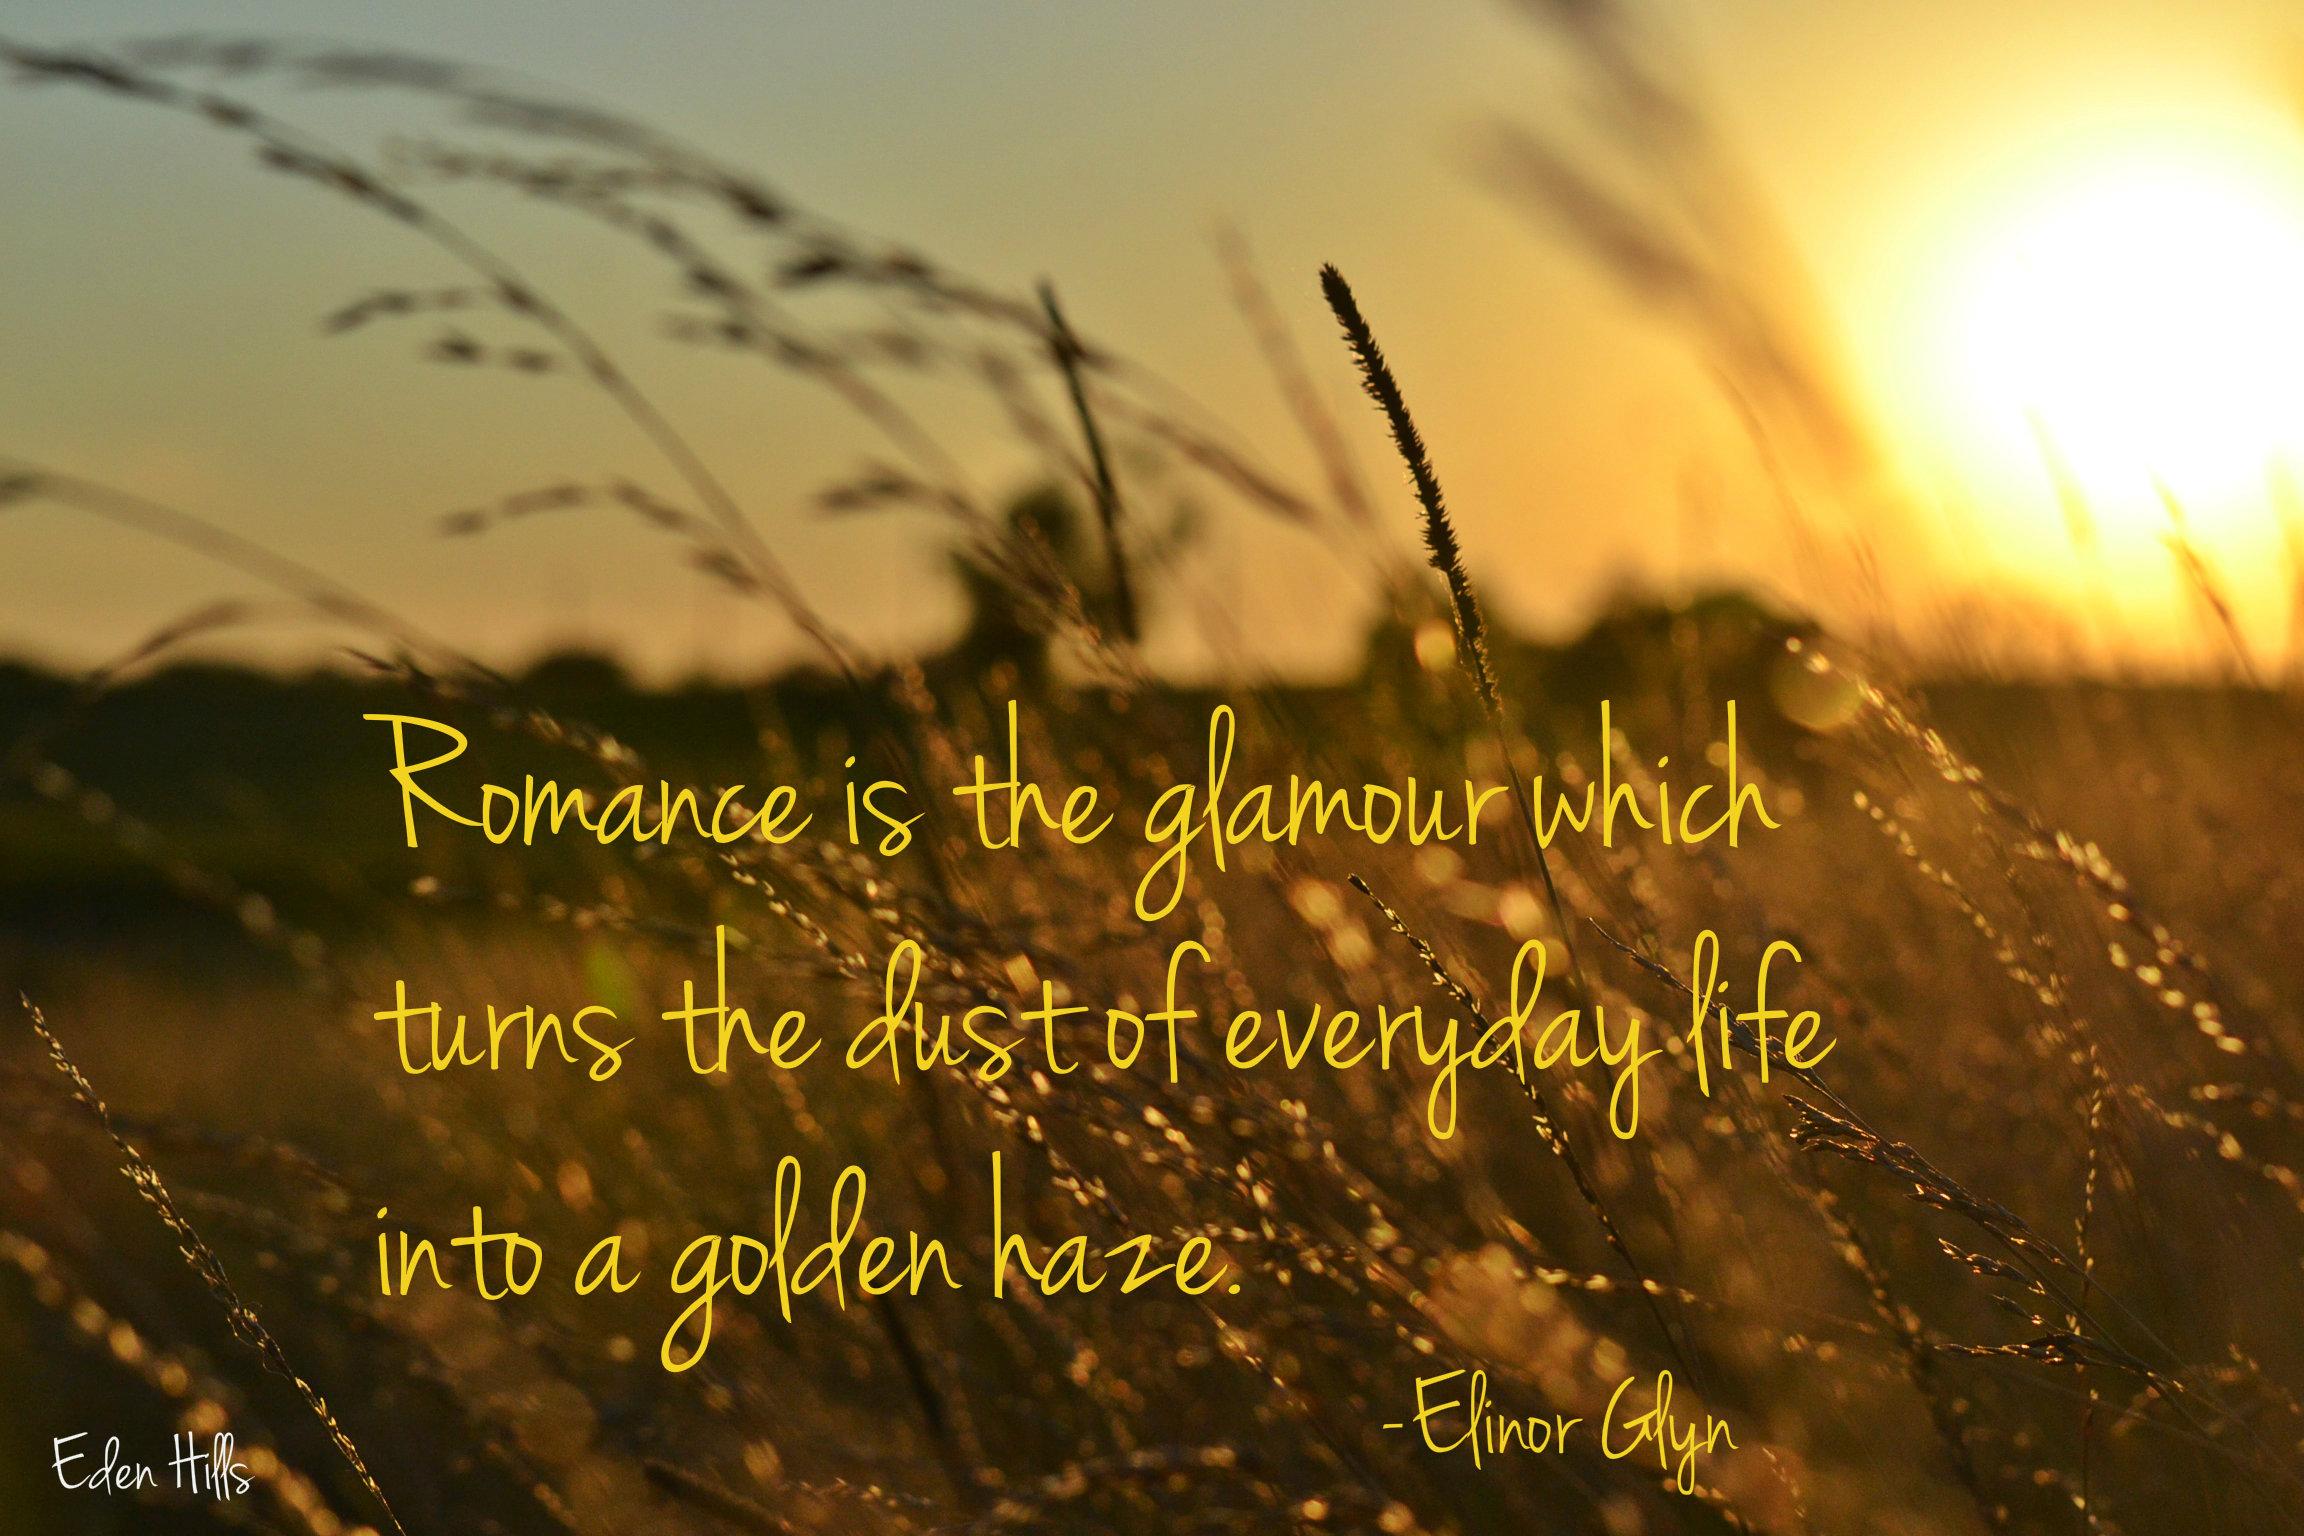 Quotes | Eden Hills